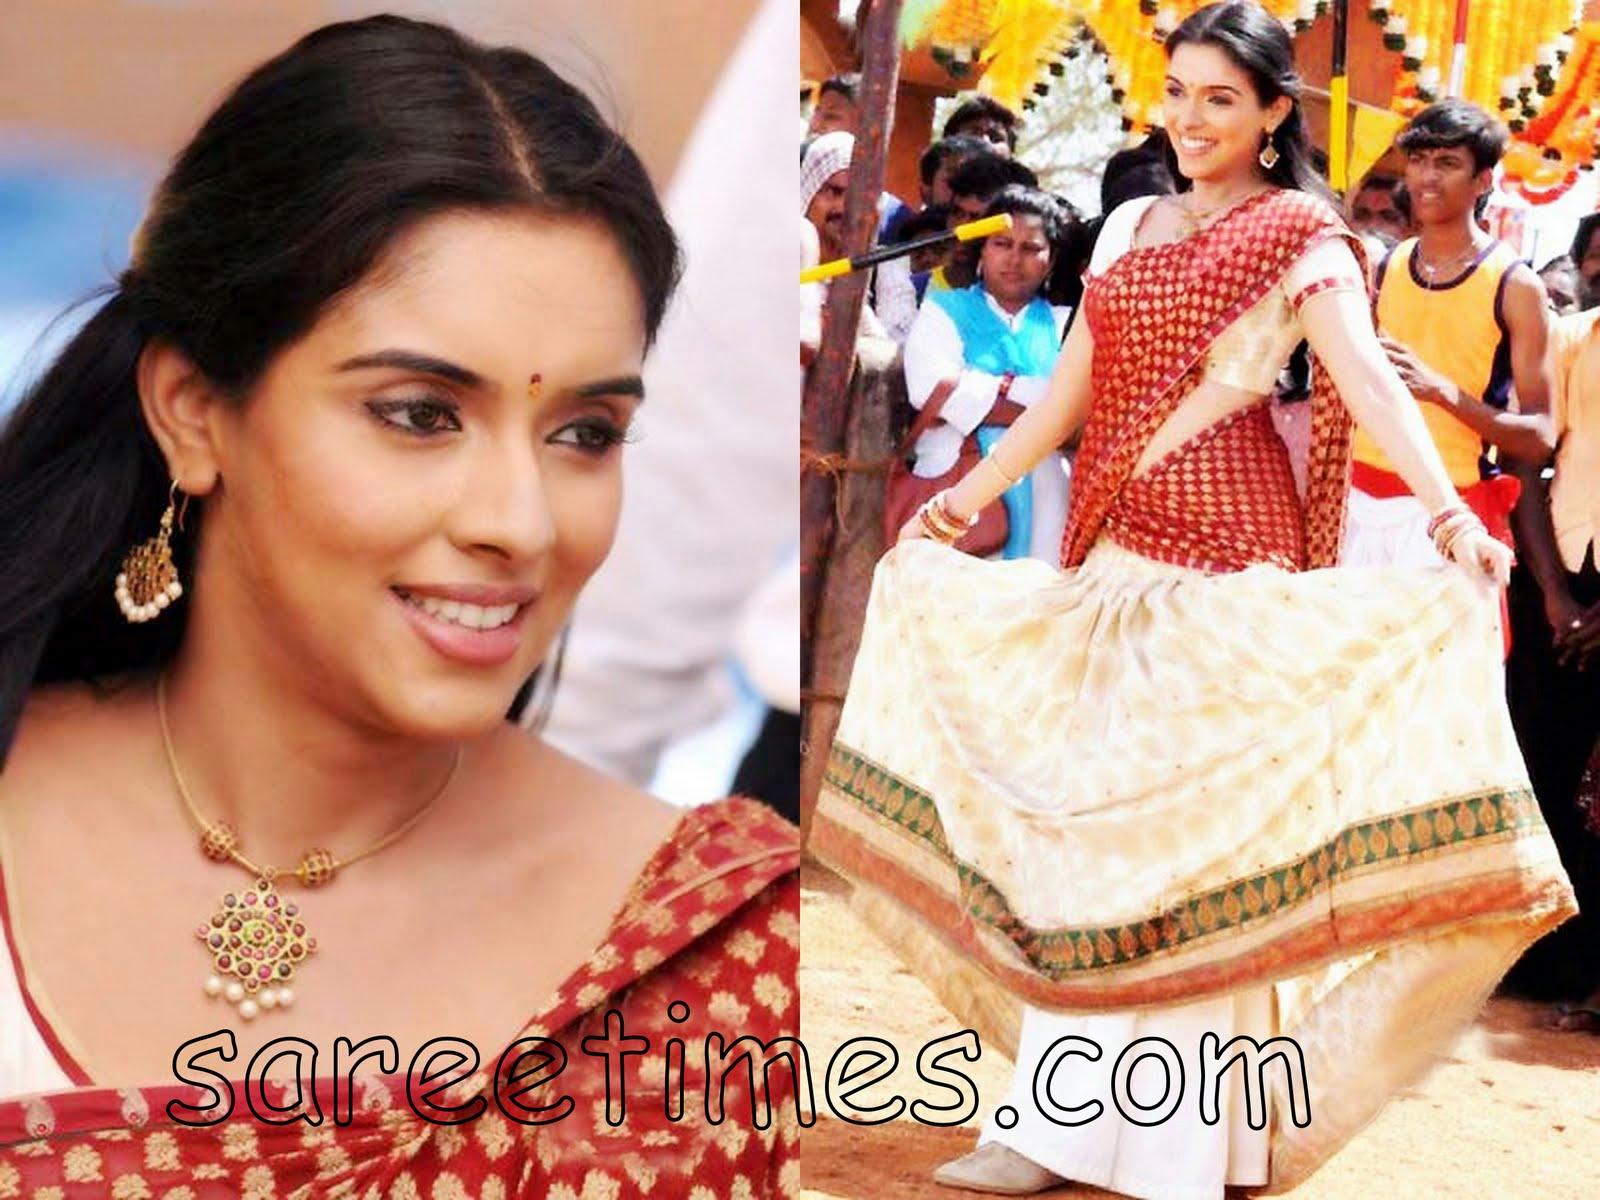 http://4.bp.blogspot.com/_58_qEOwiSDY/TAA-8wVGCJI/AAAAAAAAC-4/z-xsvp3fO0M/s1600/Asin-Banaras-Half-Saree.jpg